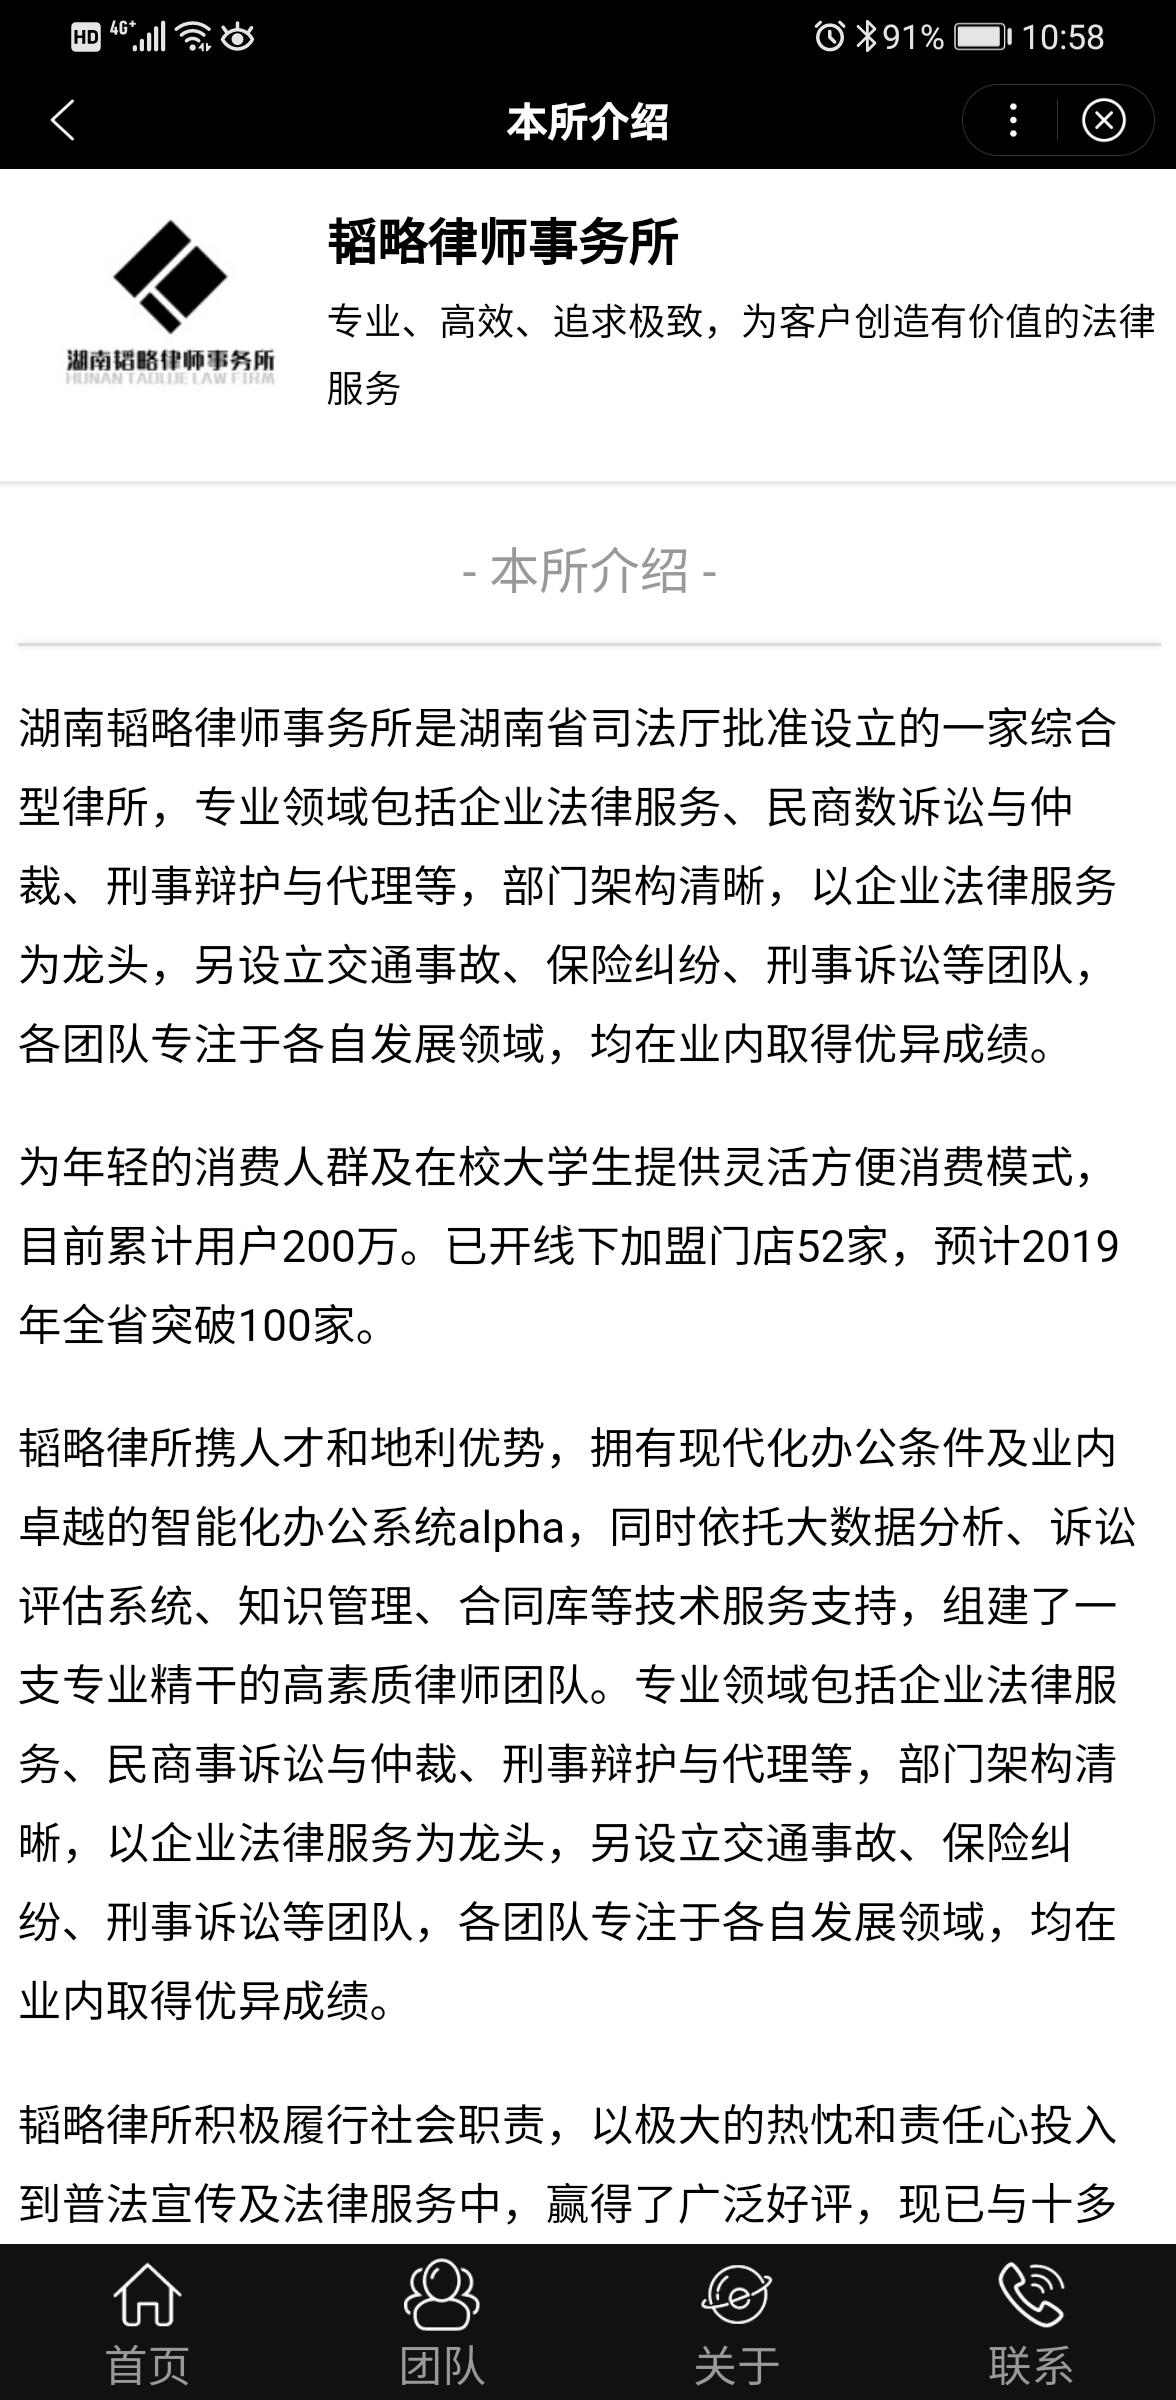 湖南韬略律师事务所百度智能小程序